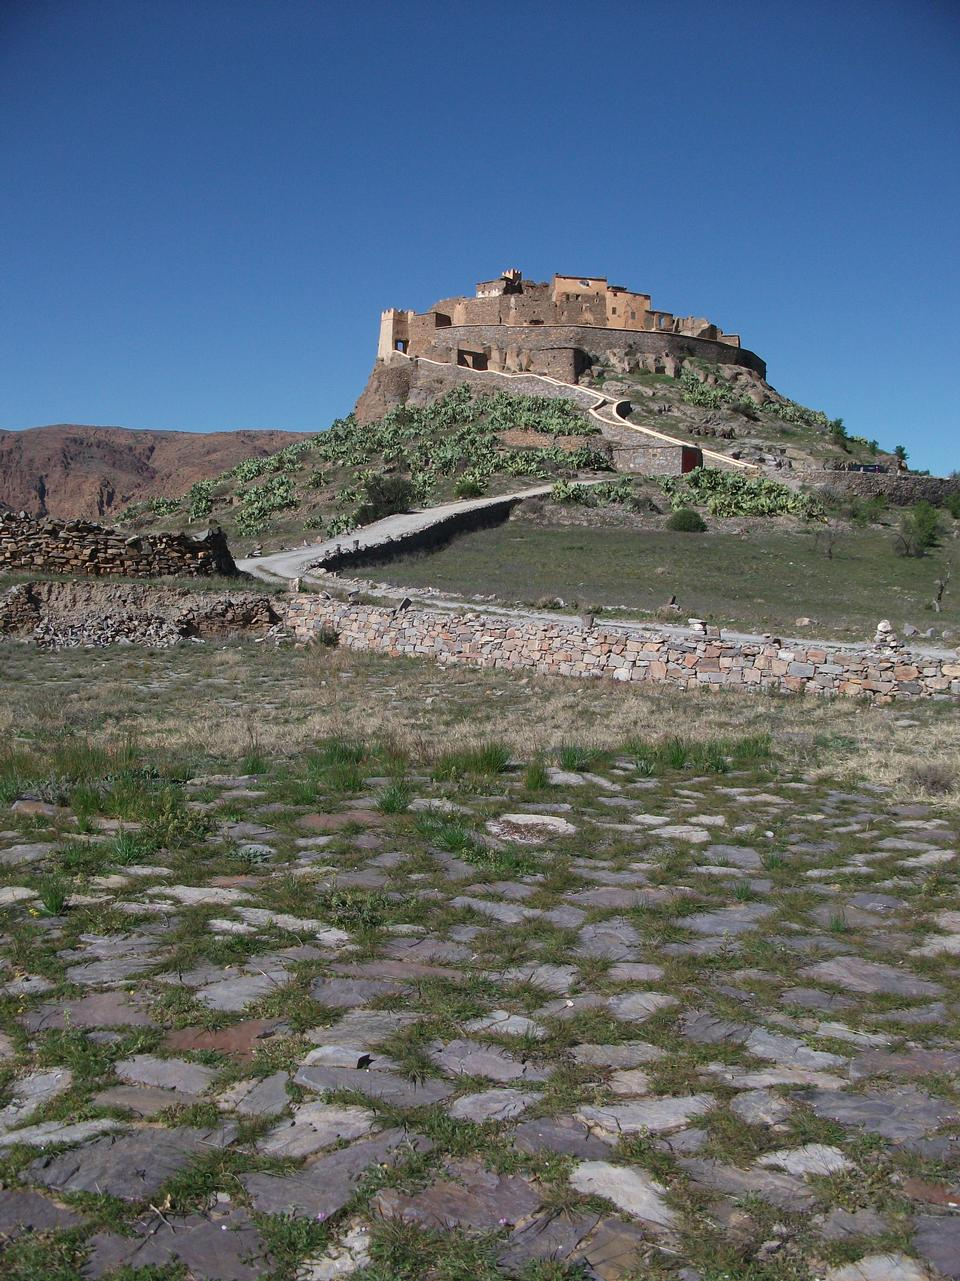 Tizourgane古堡,摩洛哥,非洲